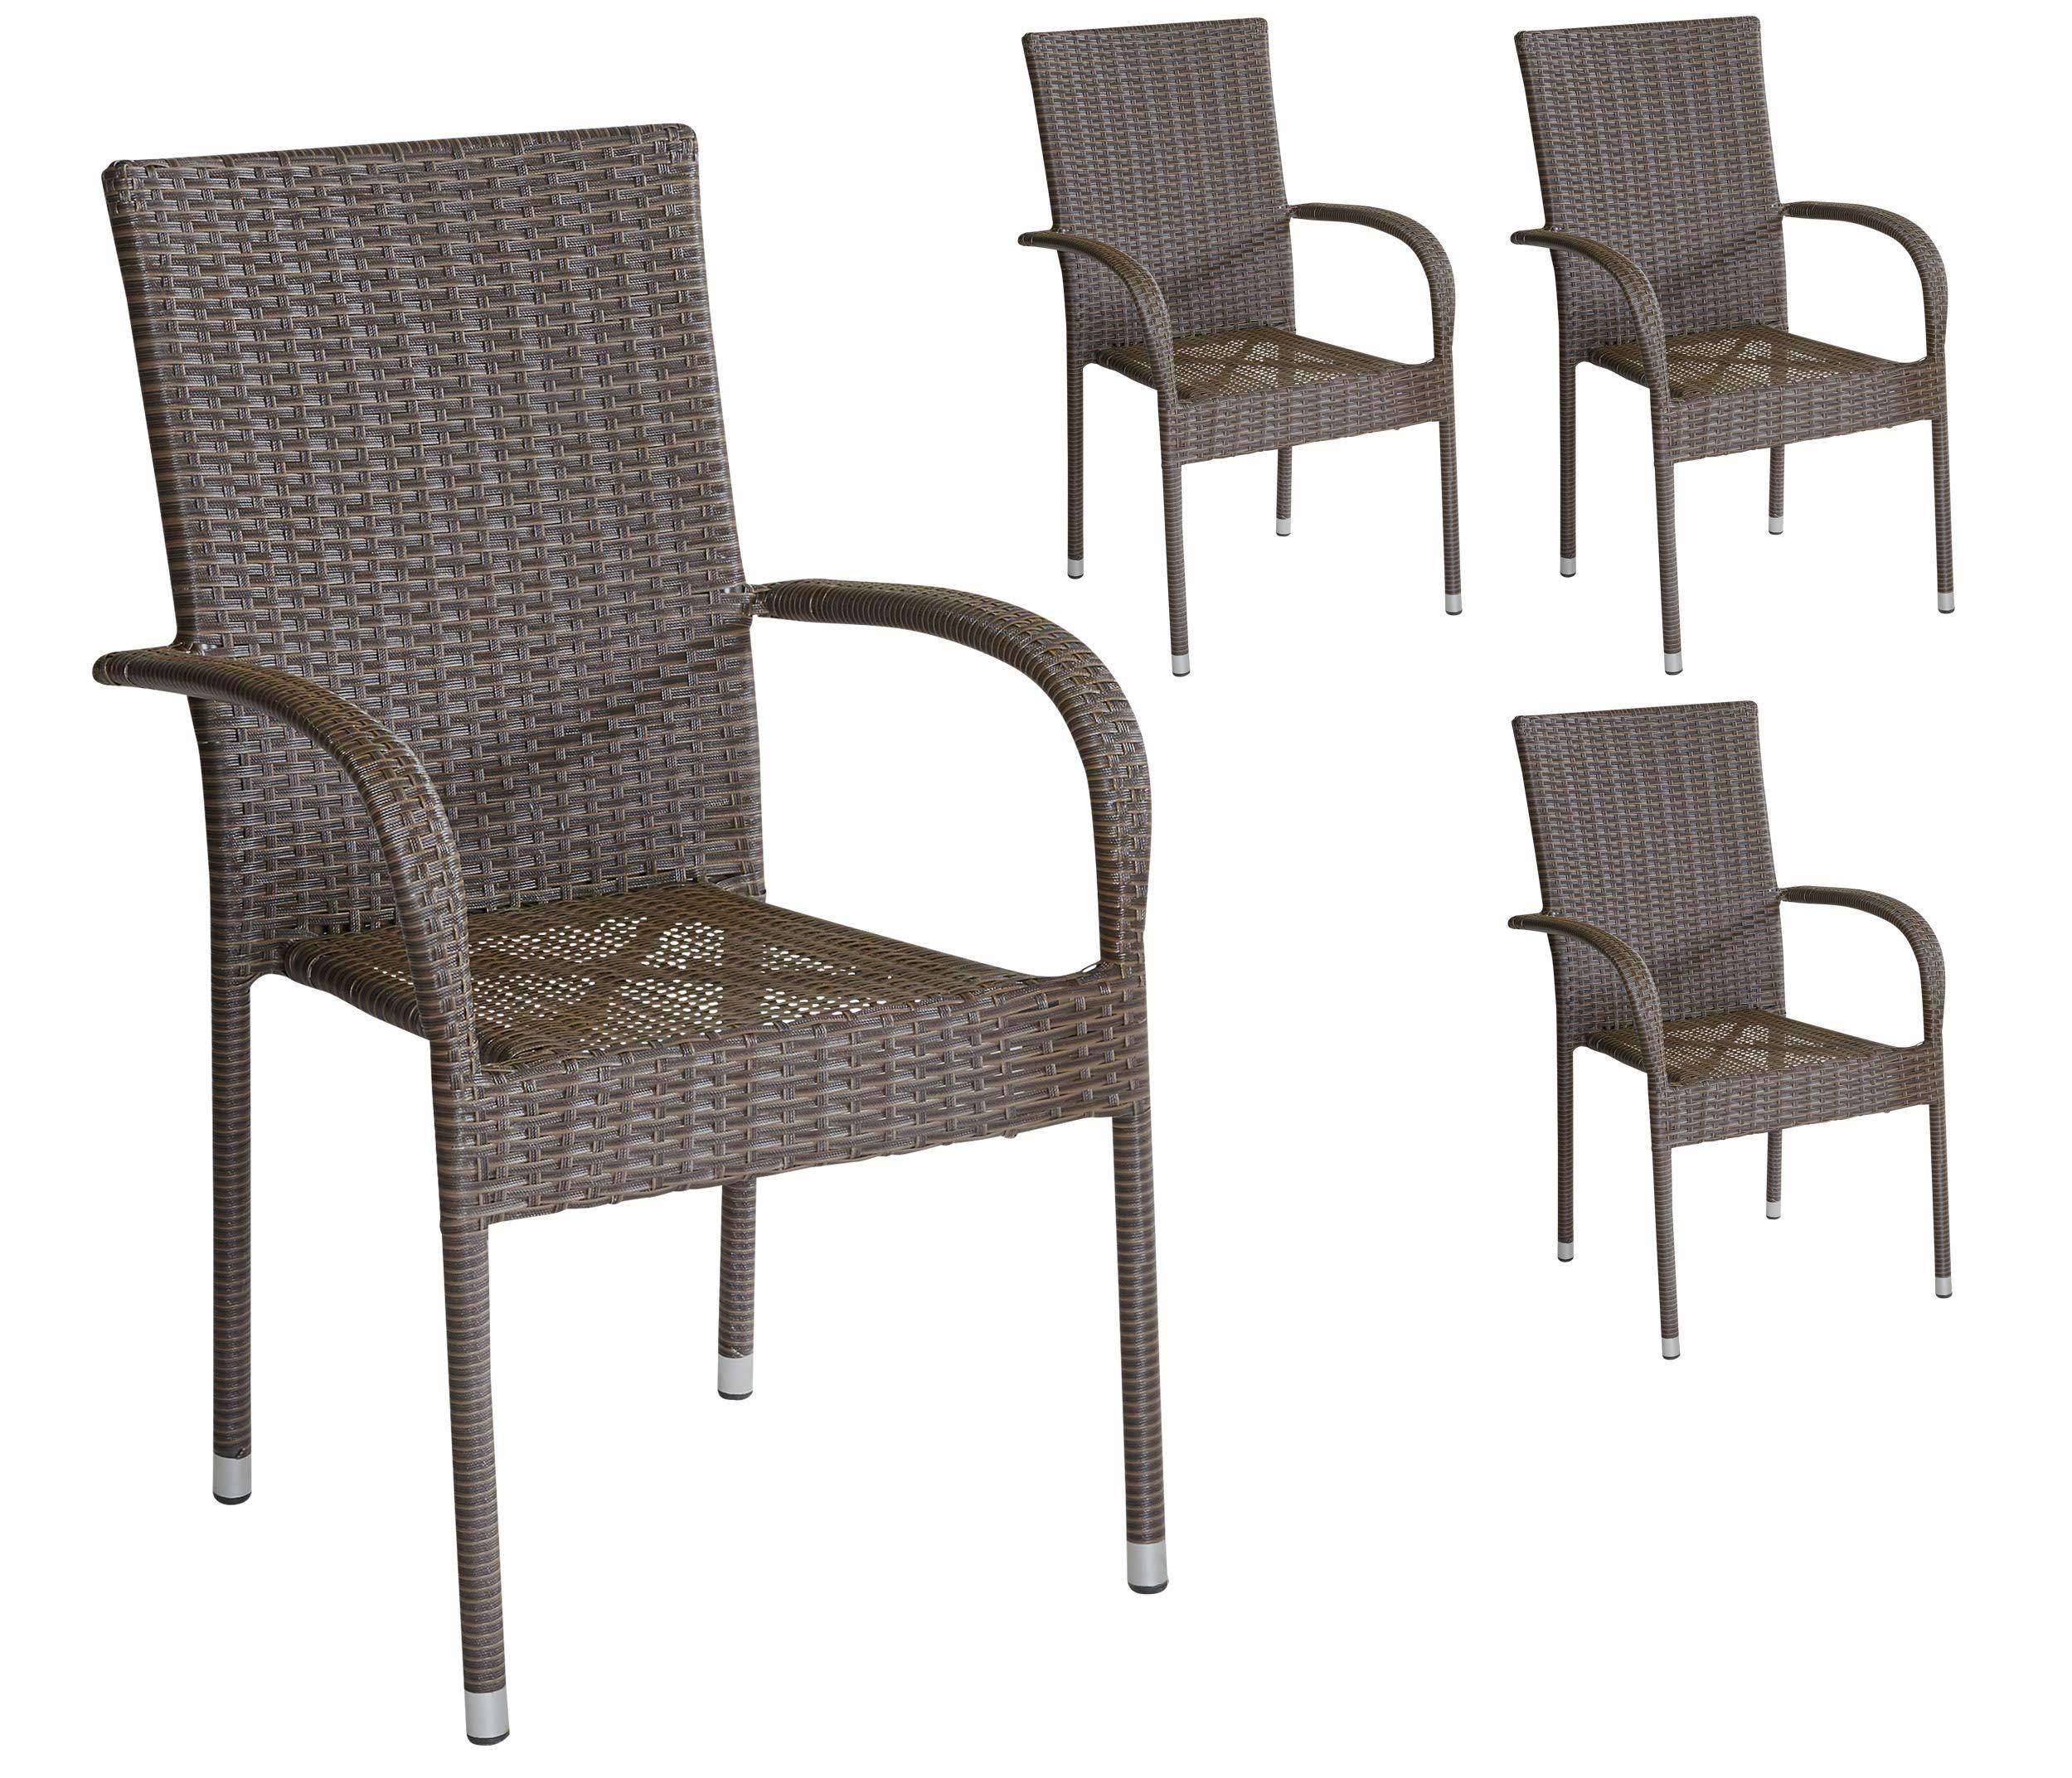 4er Set Armlehnstühle Gartenstühle Stapelstühle In Braun Mit